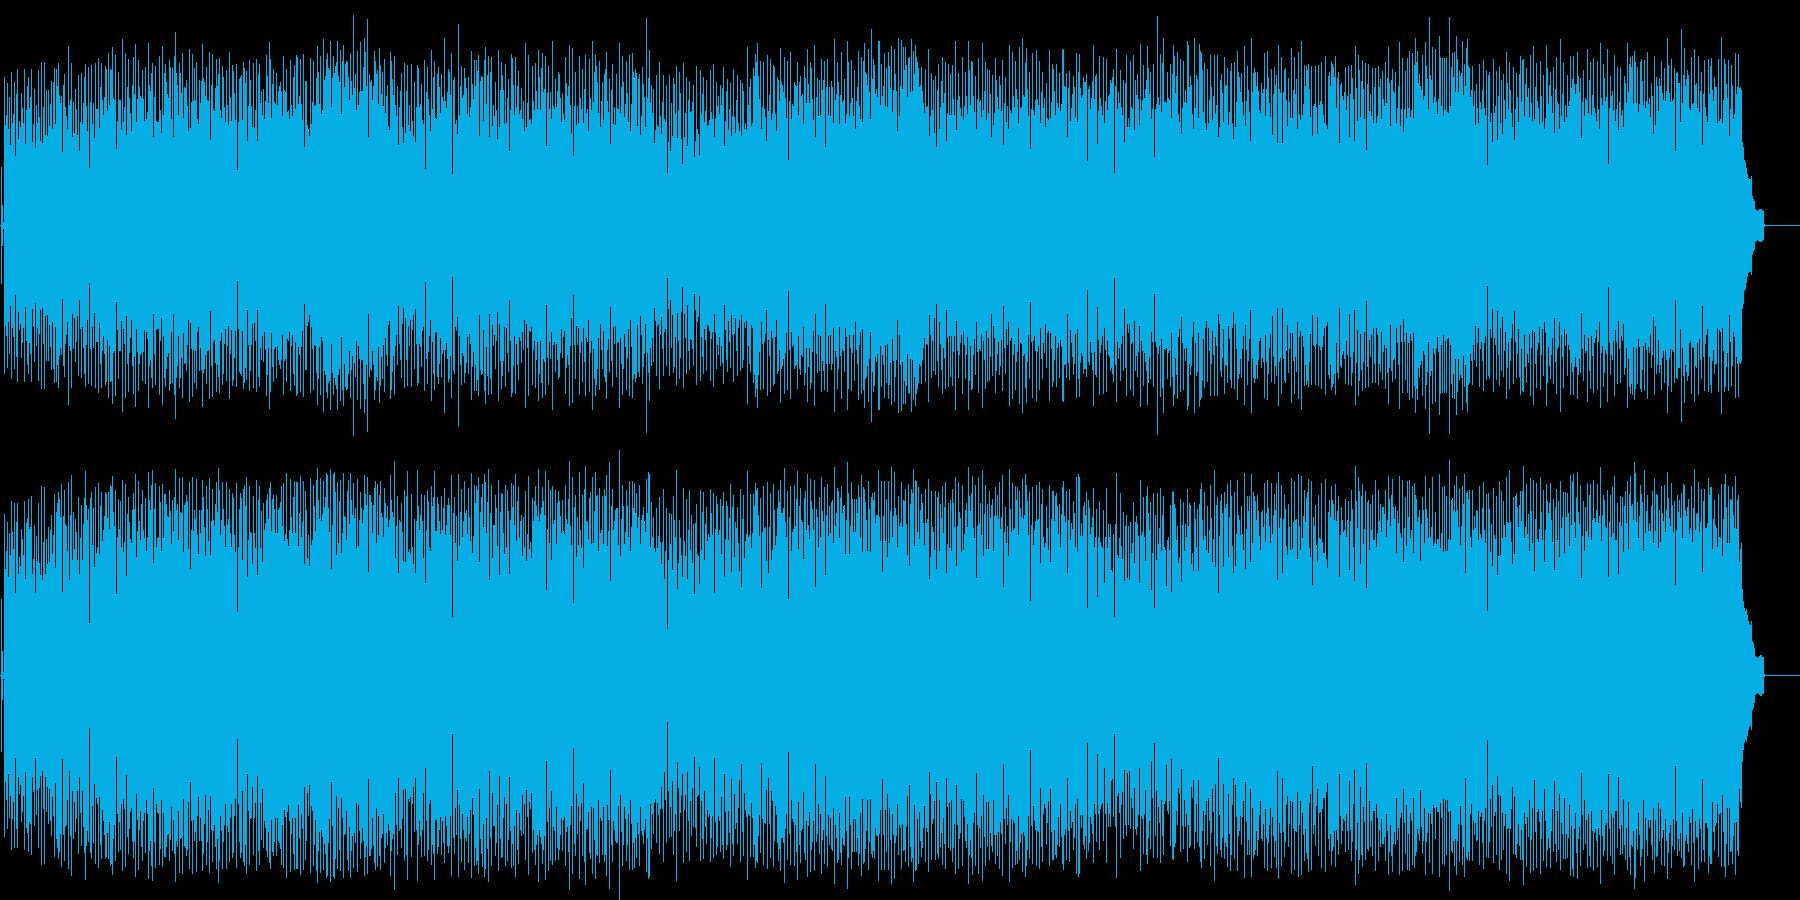 ダンサブルなポップ/テクノ/マイナーの再生済みの波形